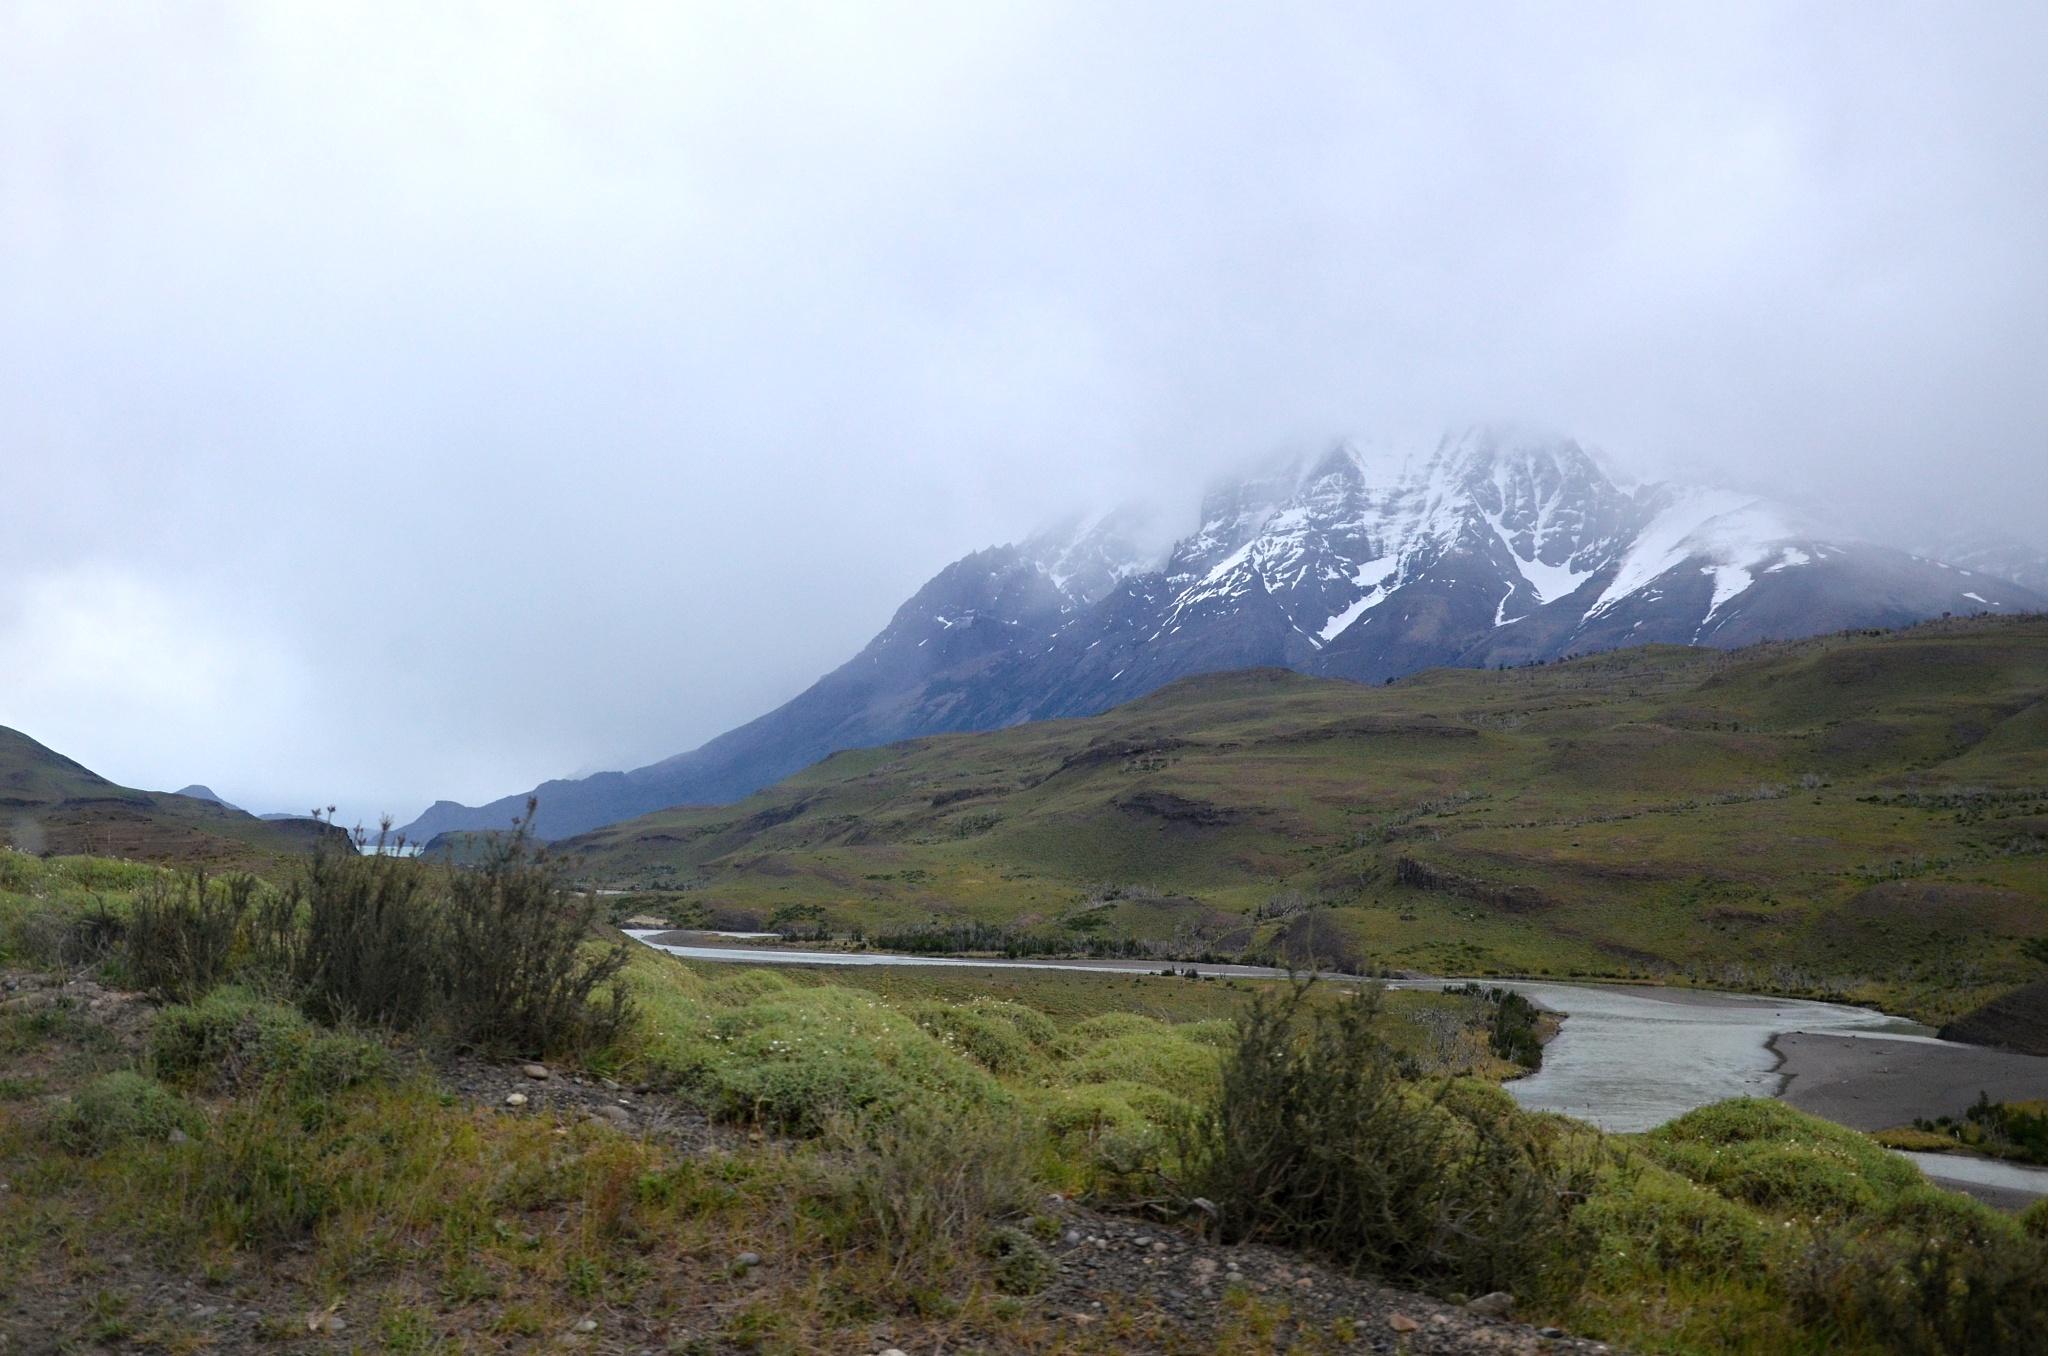 Jsme v národním parku Torres del Paine, ale počasí je stále stejně ošklivé